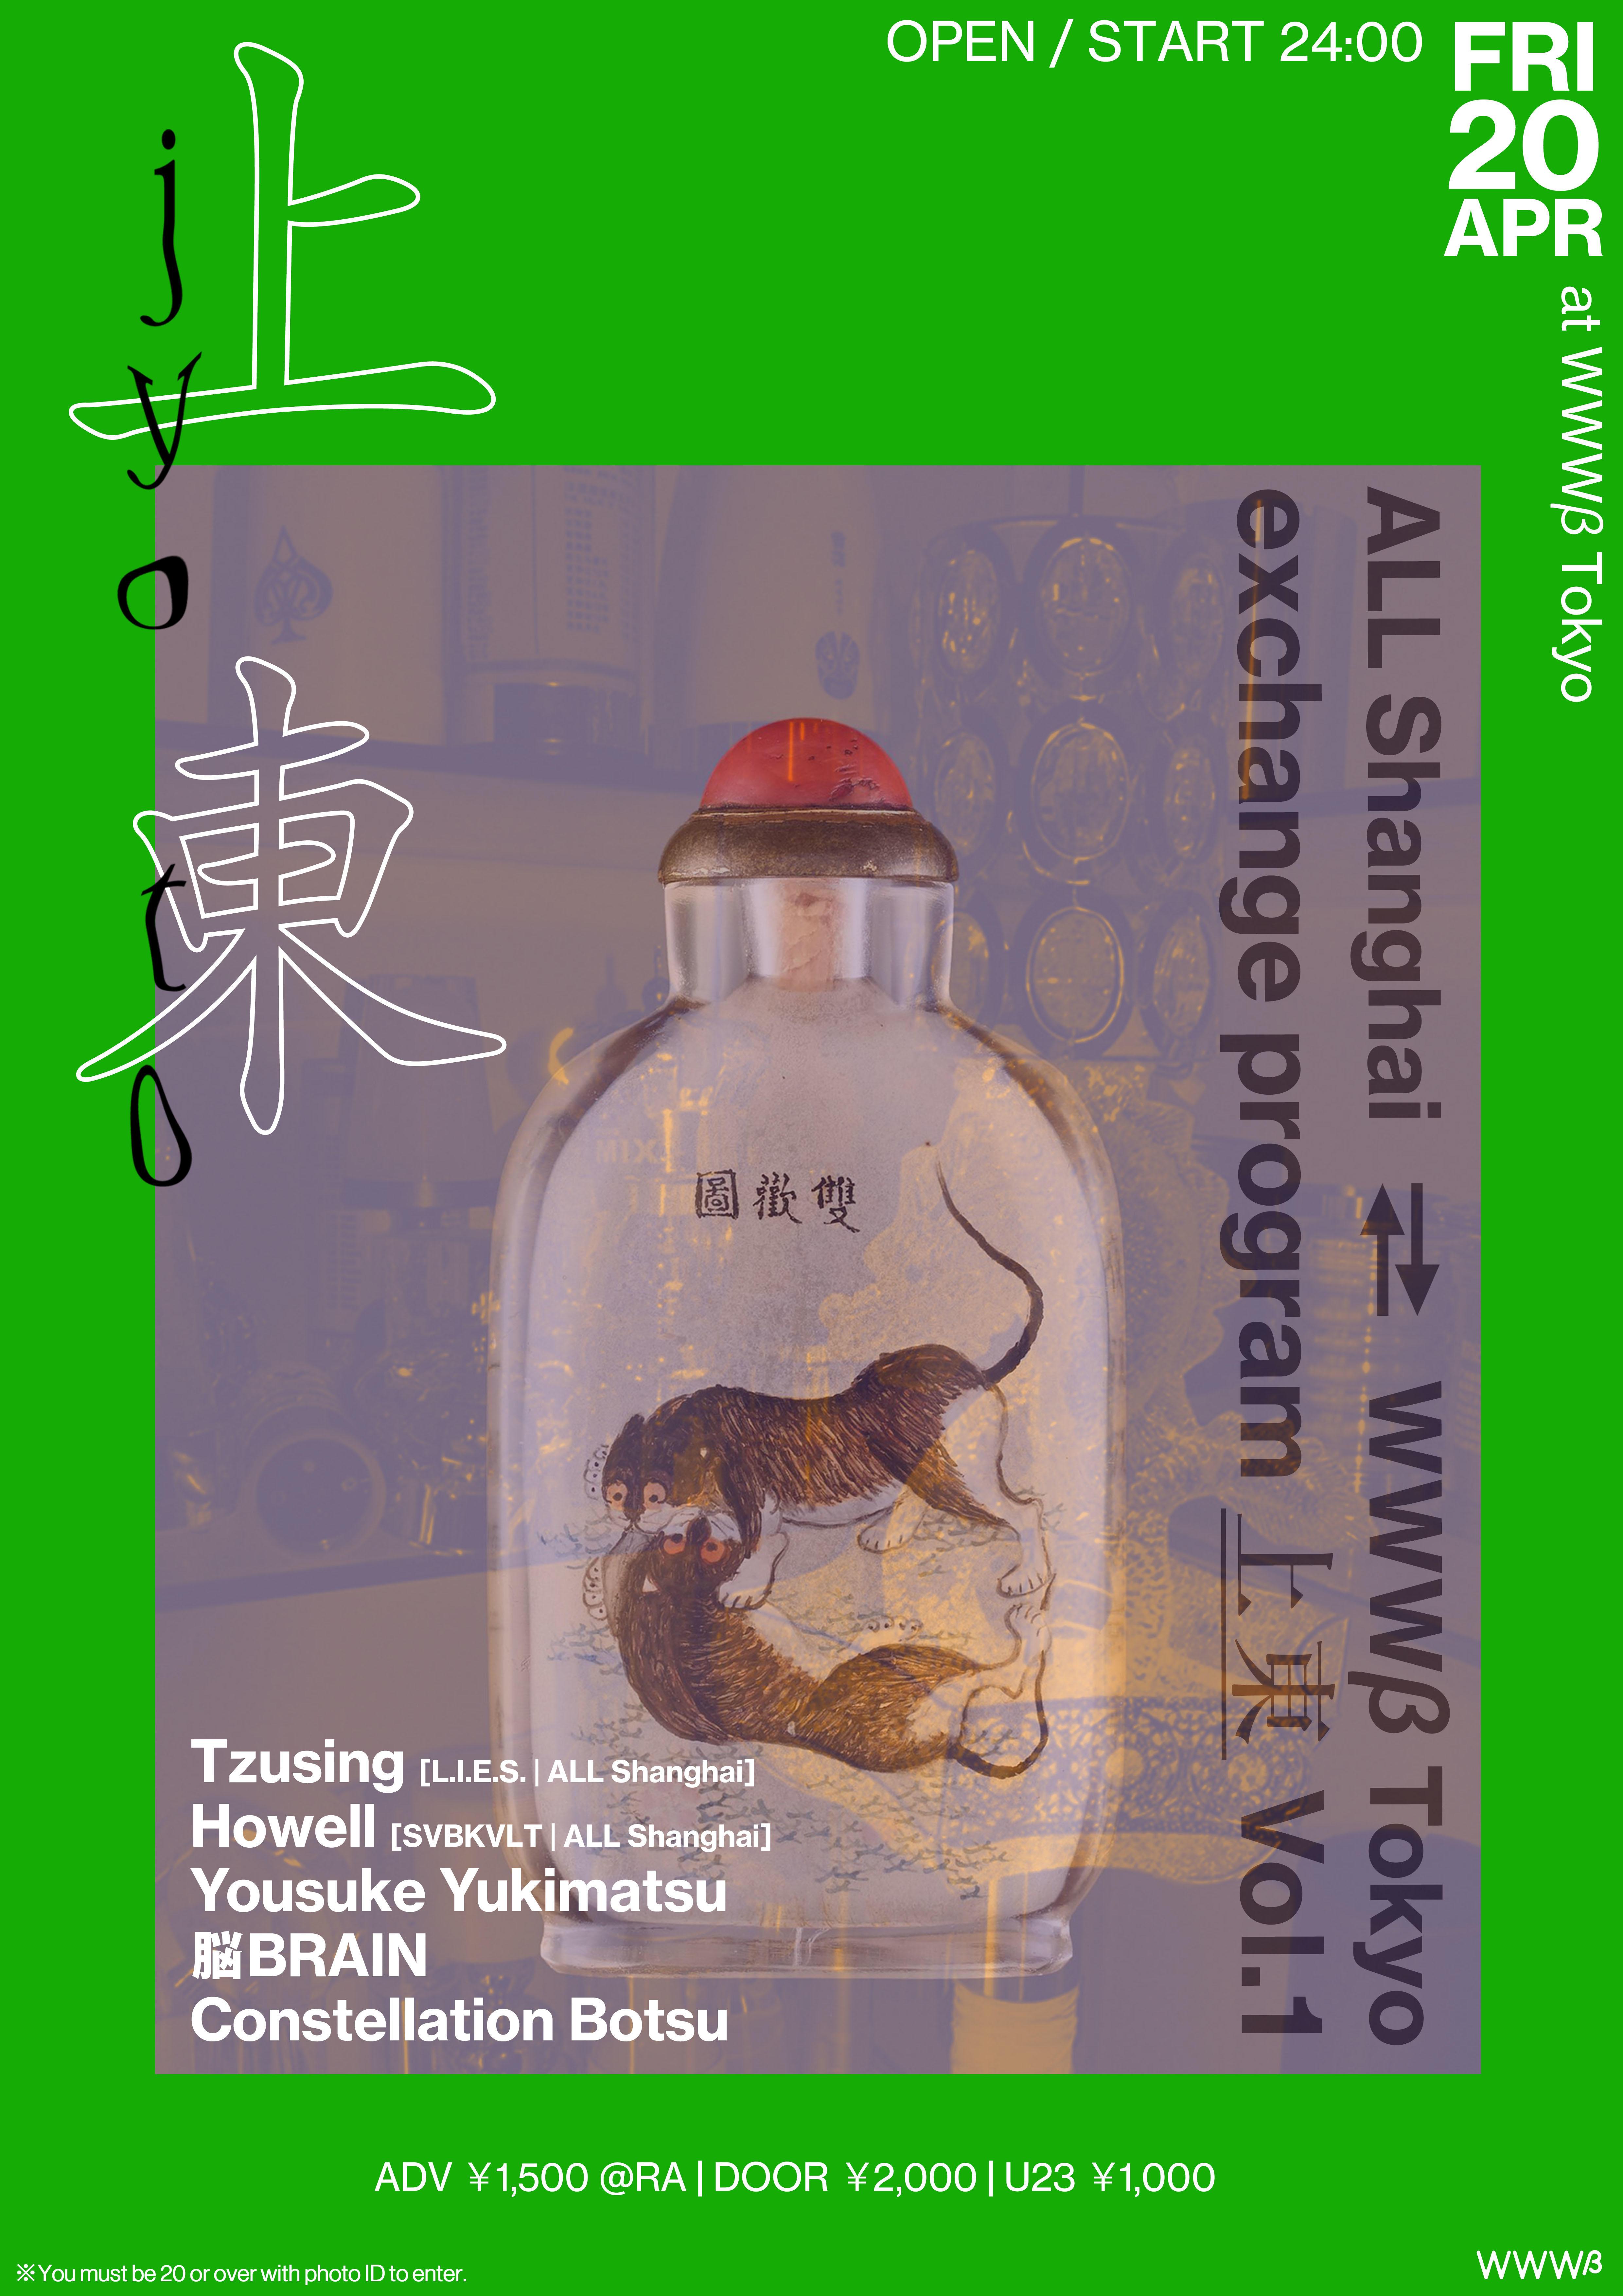 Tzusing / Howell / Yousuke Yukimatsu / 脳BRAIN / Constellation Botsu